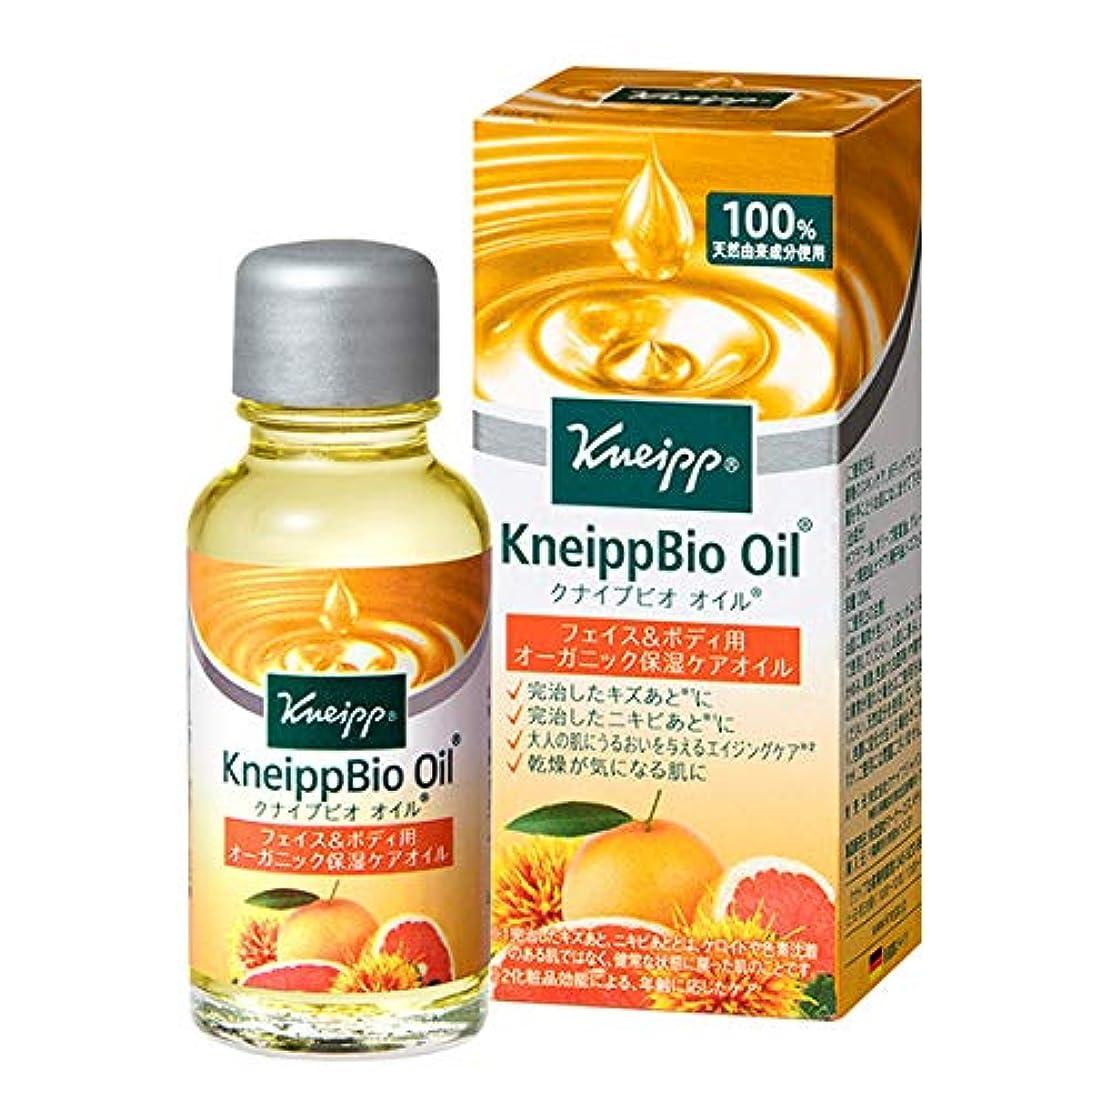 権利を与えるおもしろいとげクナイプ(Kneipp) クナイプビオ オイル20mL 美容液